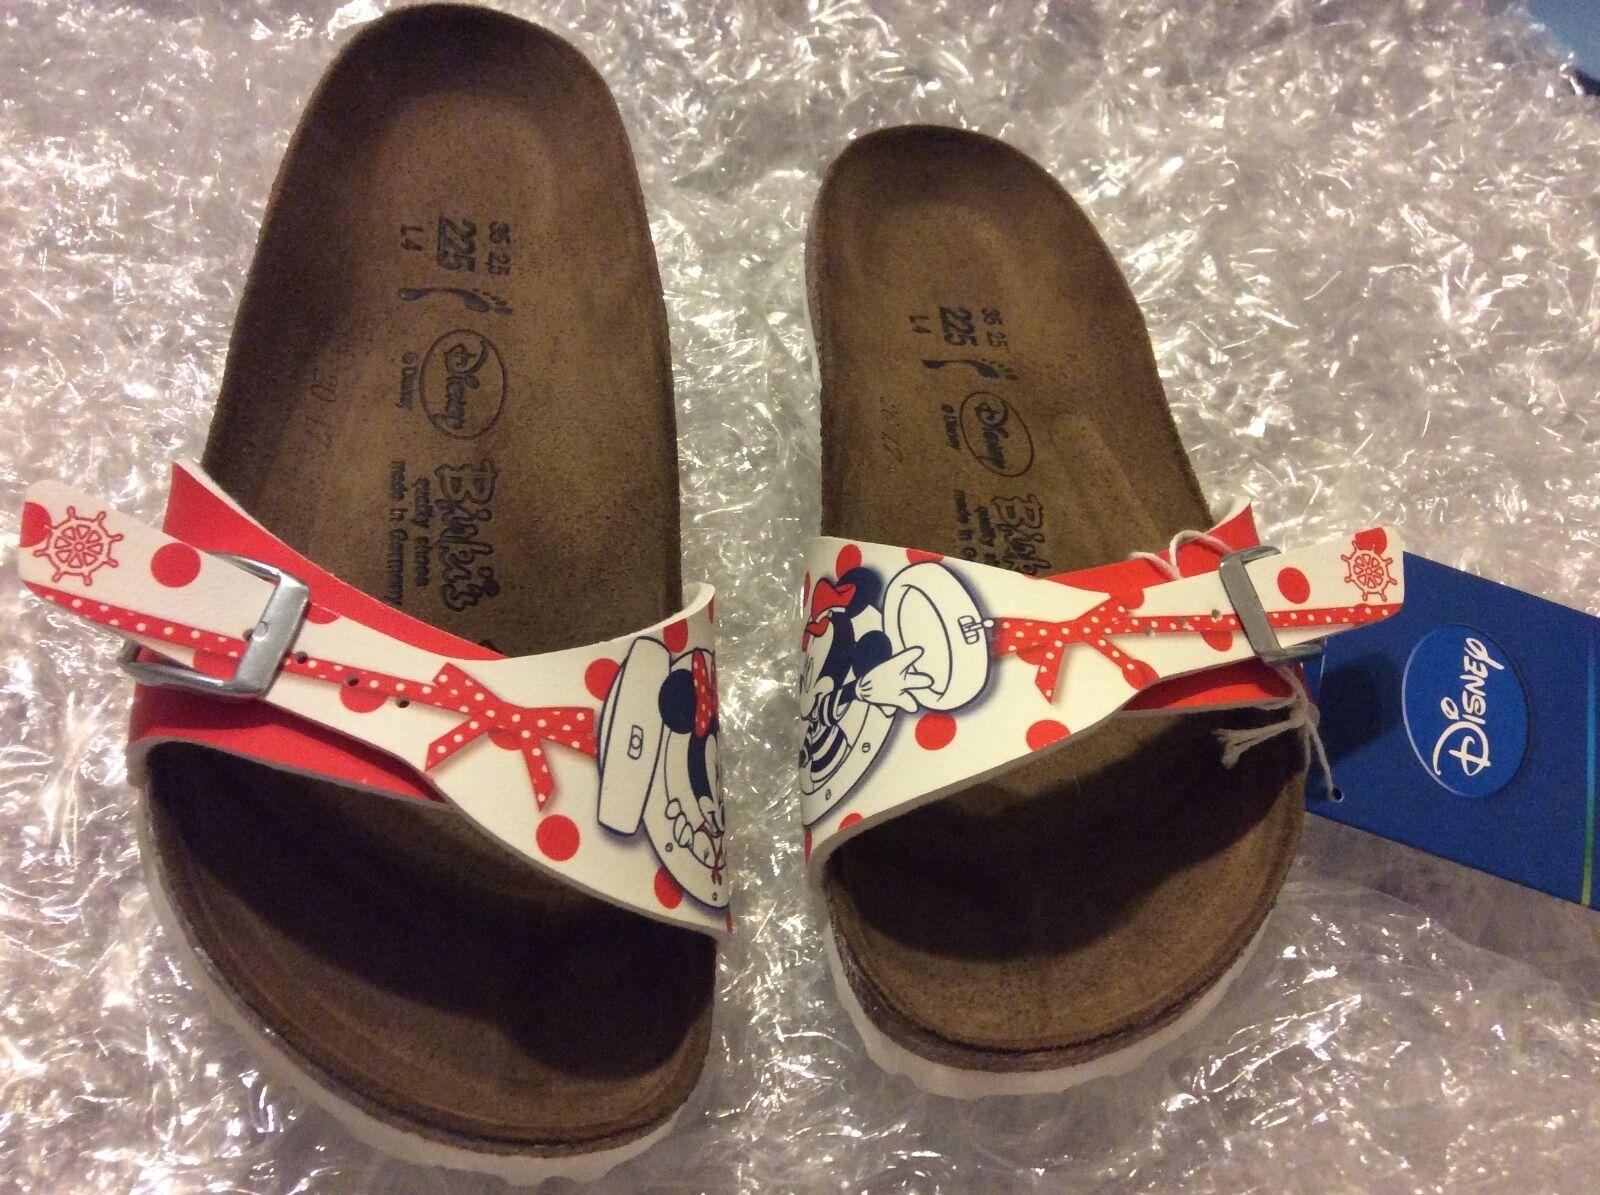 DZ203 DZ203 DZ203 JEANNOT US 10 shoes gray leather women sandals 5c3886